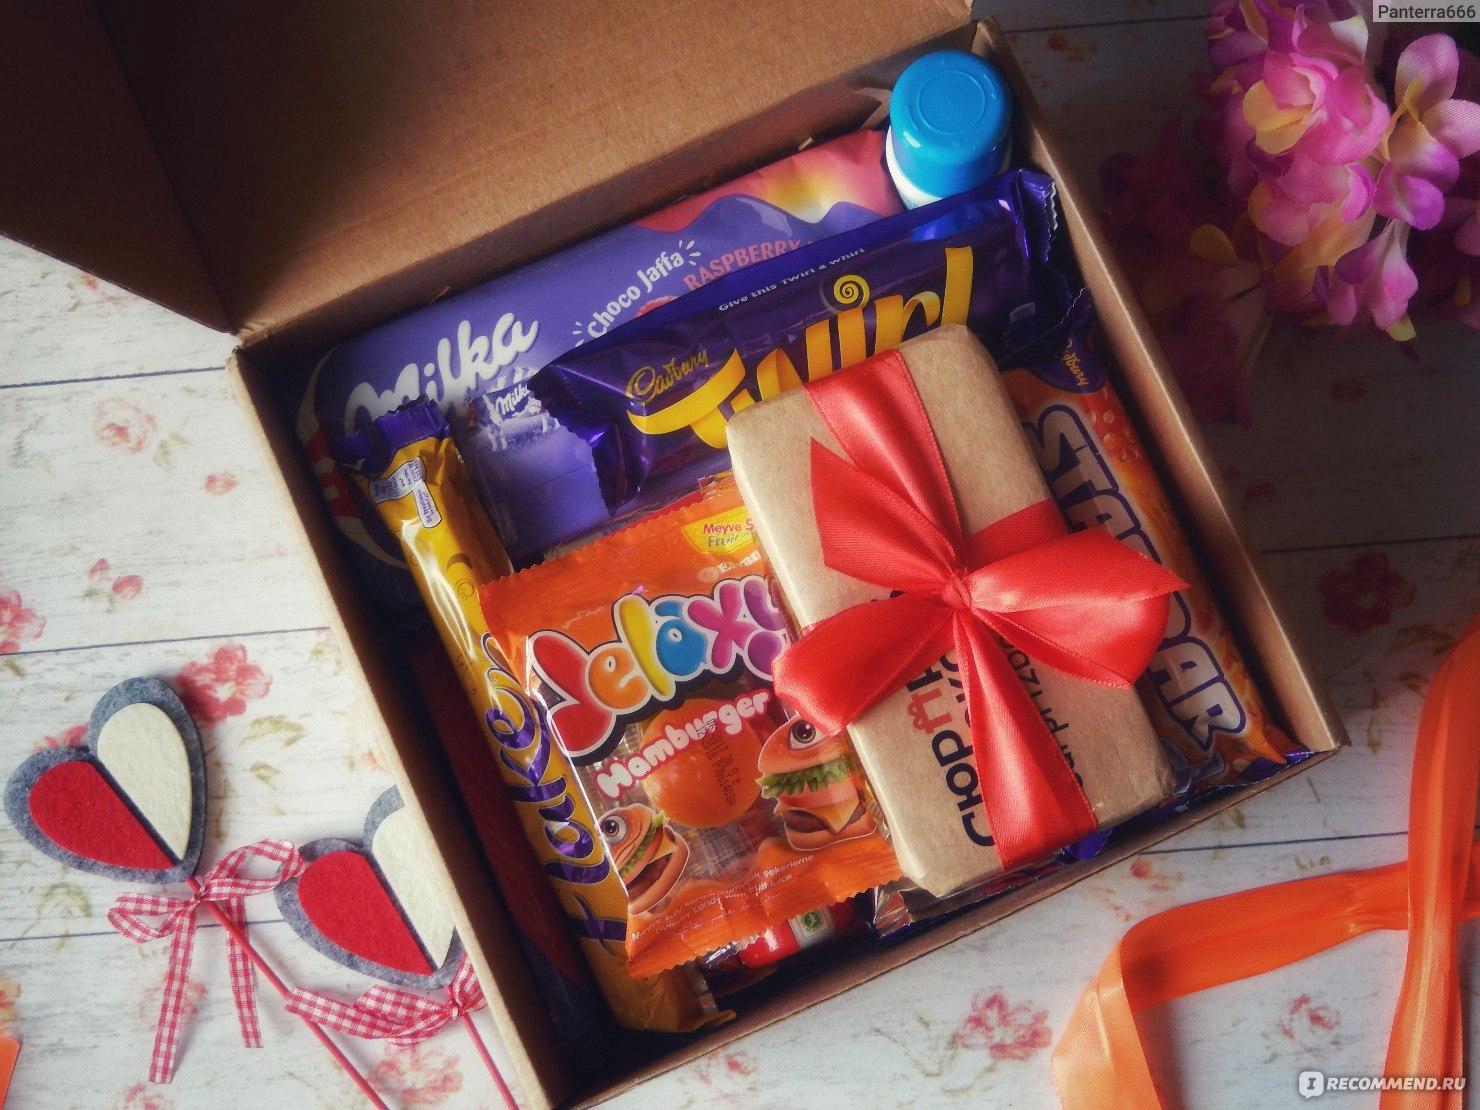 Как приятно удивить: делаем коробочку с сюрпризом своими руками 7